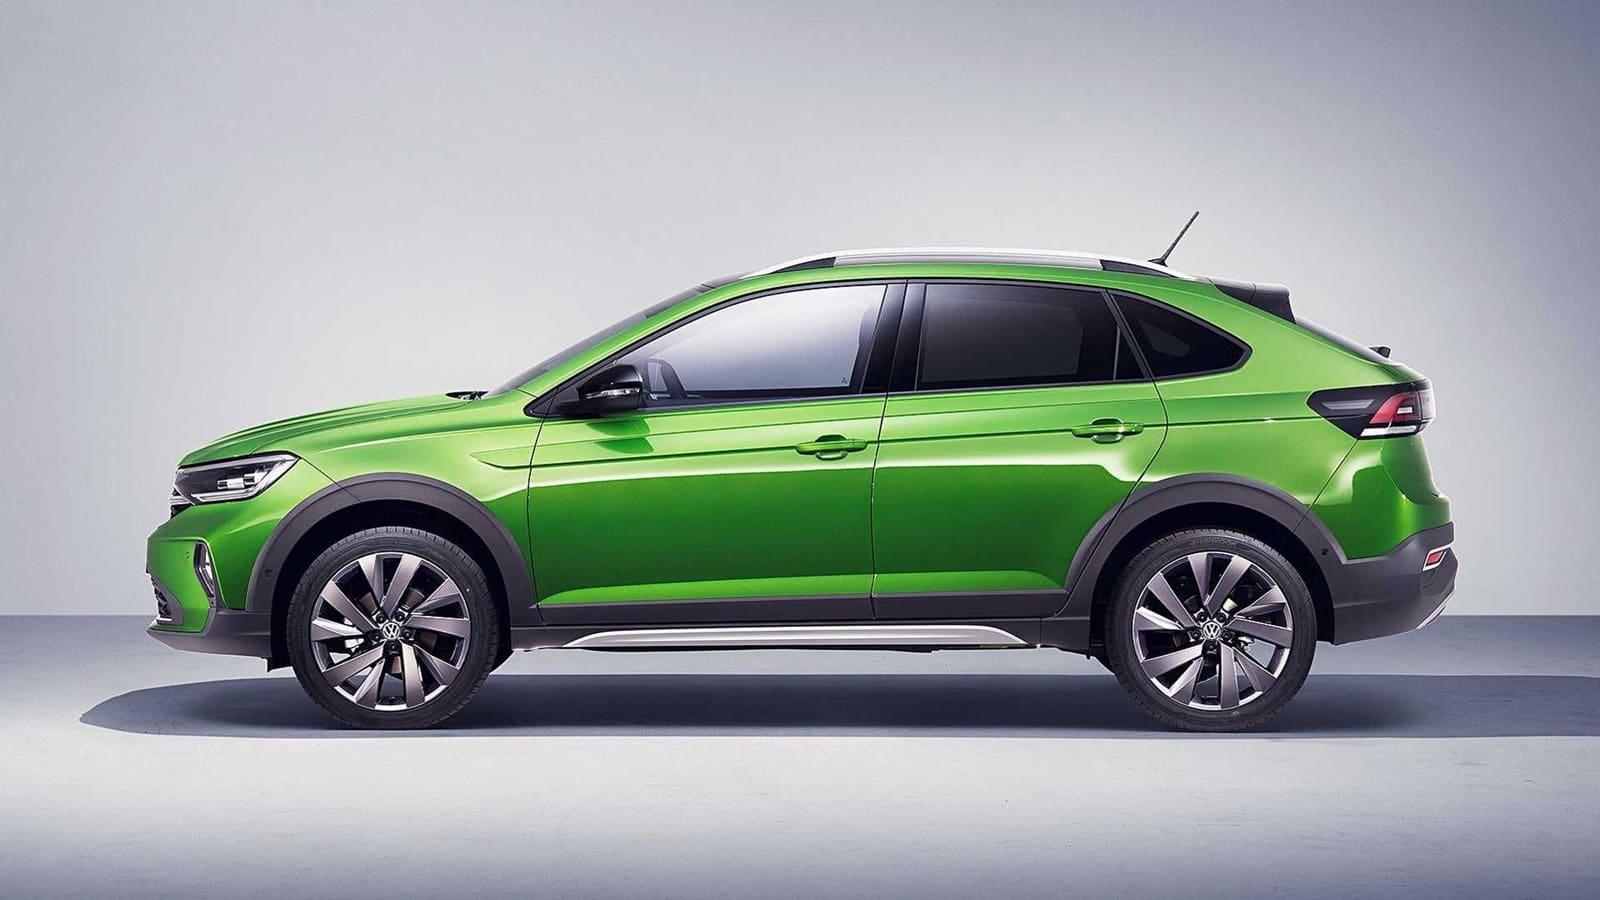 Volkswagen Taigo lateral